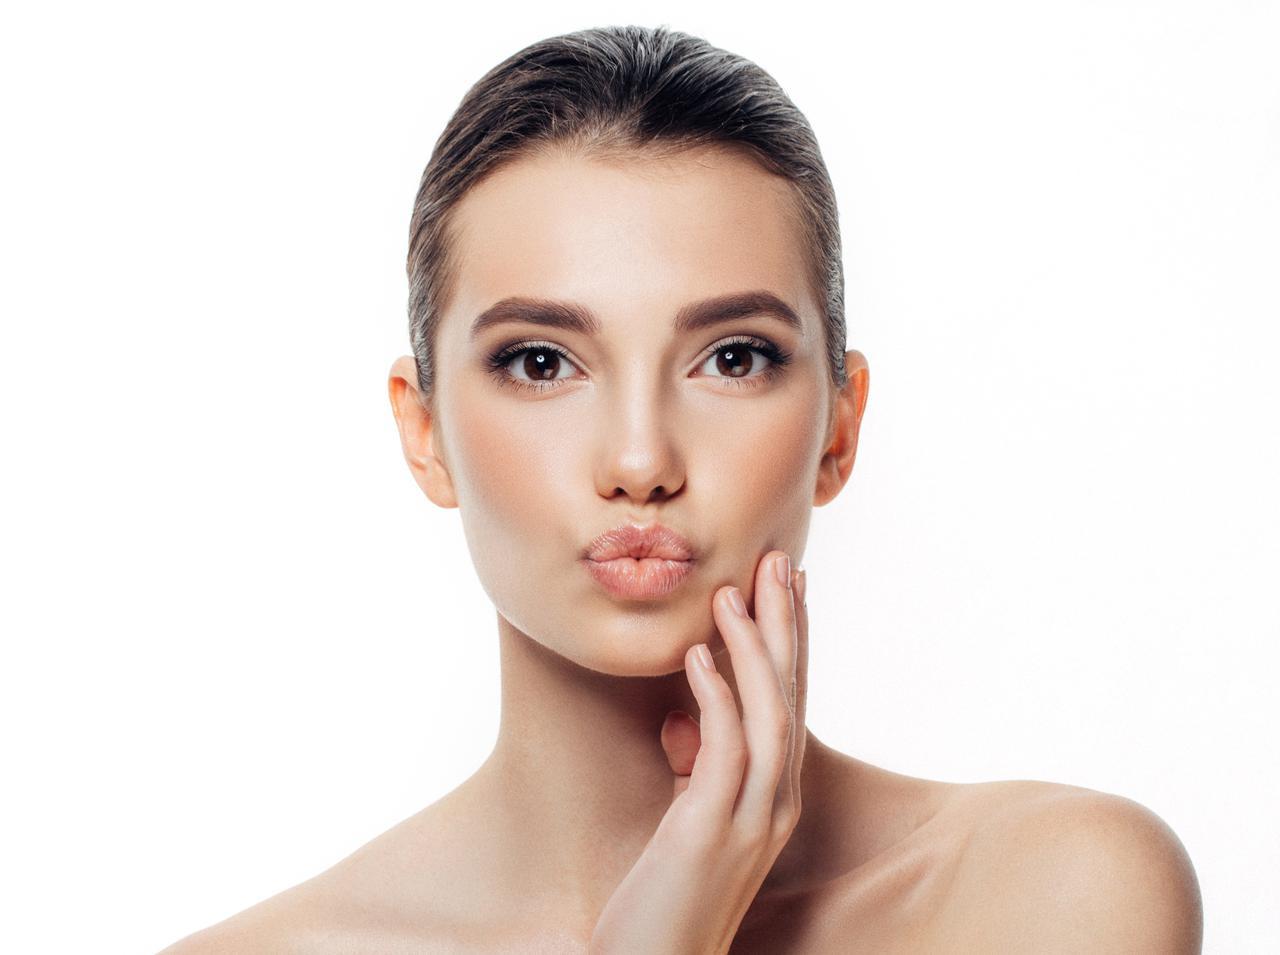 画像: 海外のプロが教える美容施術トレンド